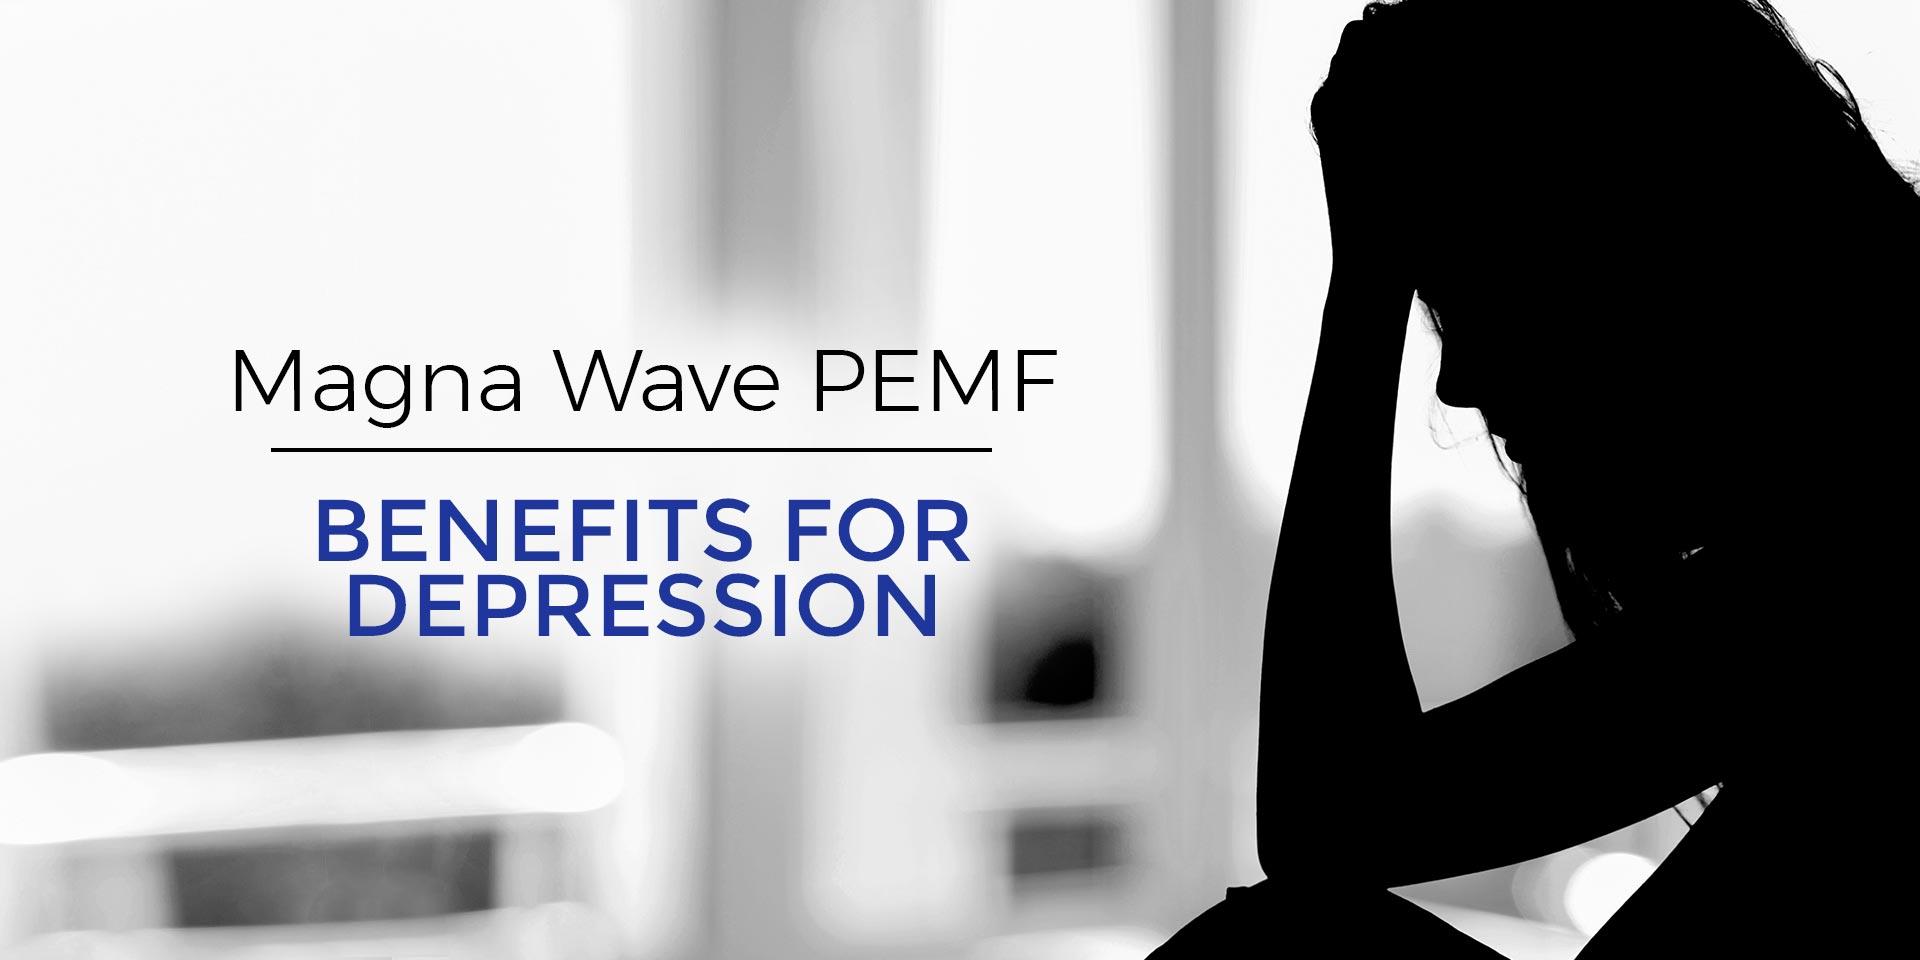 Magna Wave PEMF Benefits for Depression